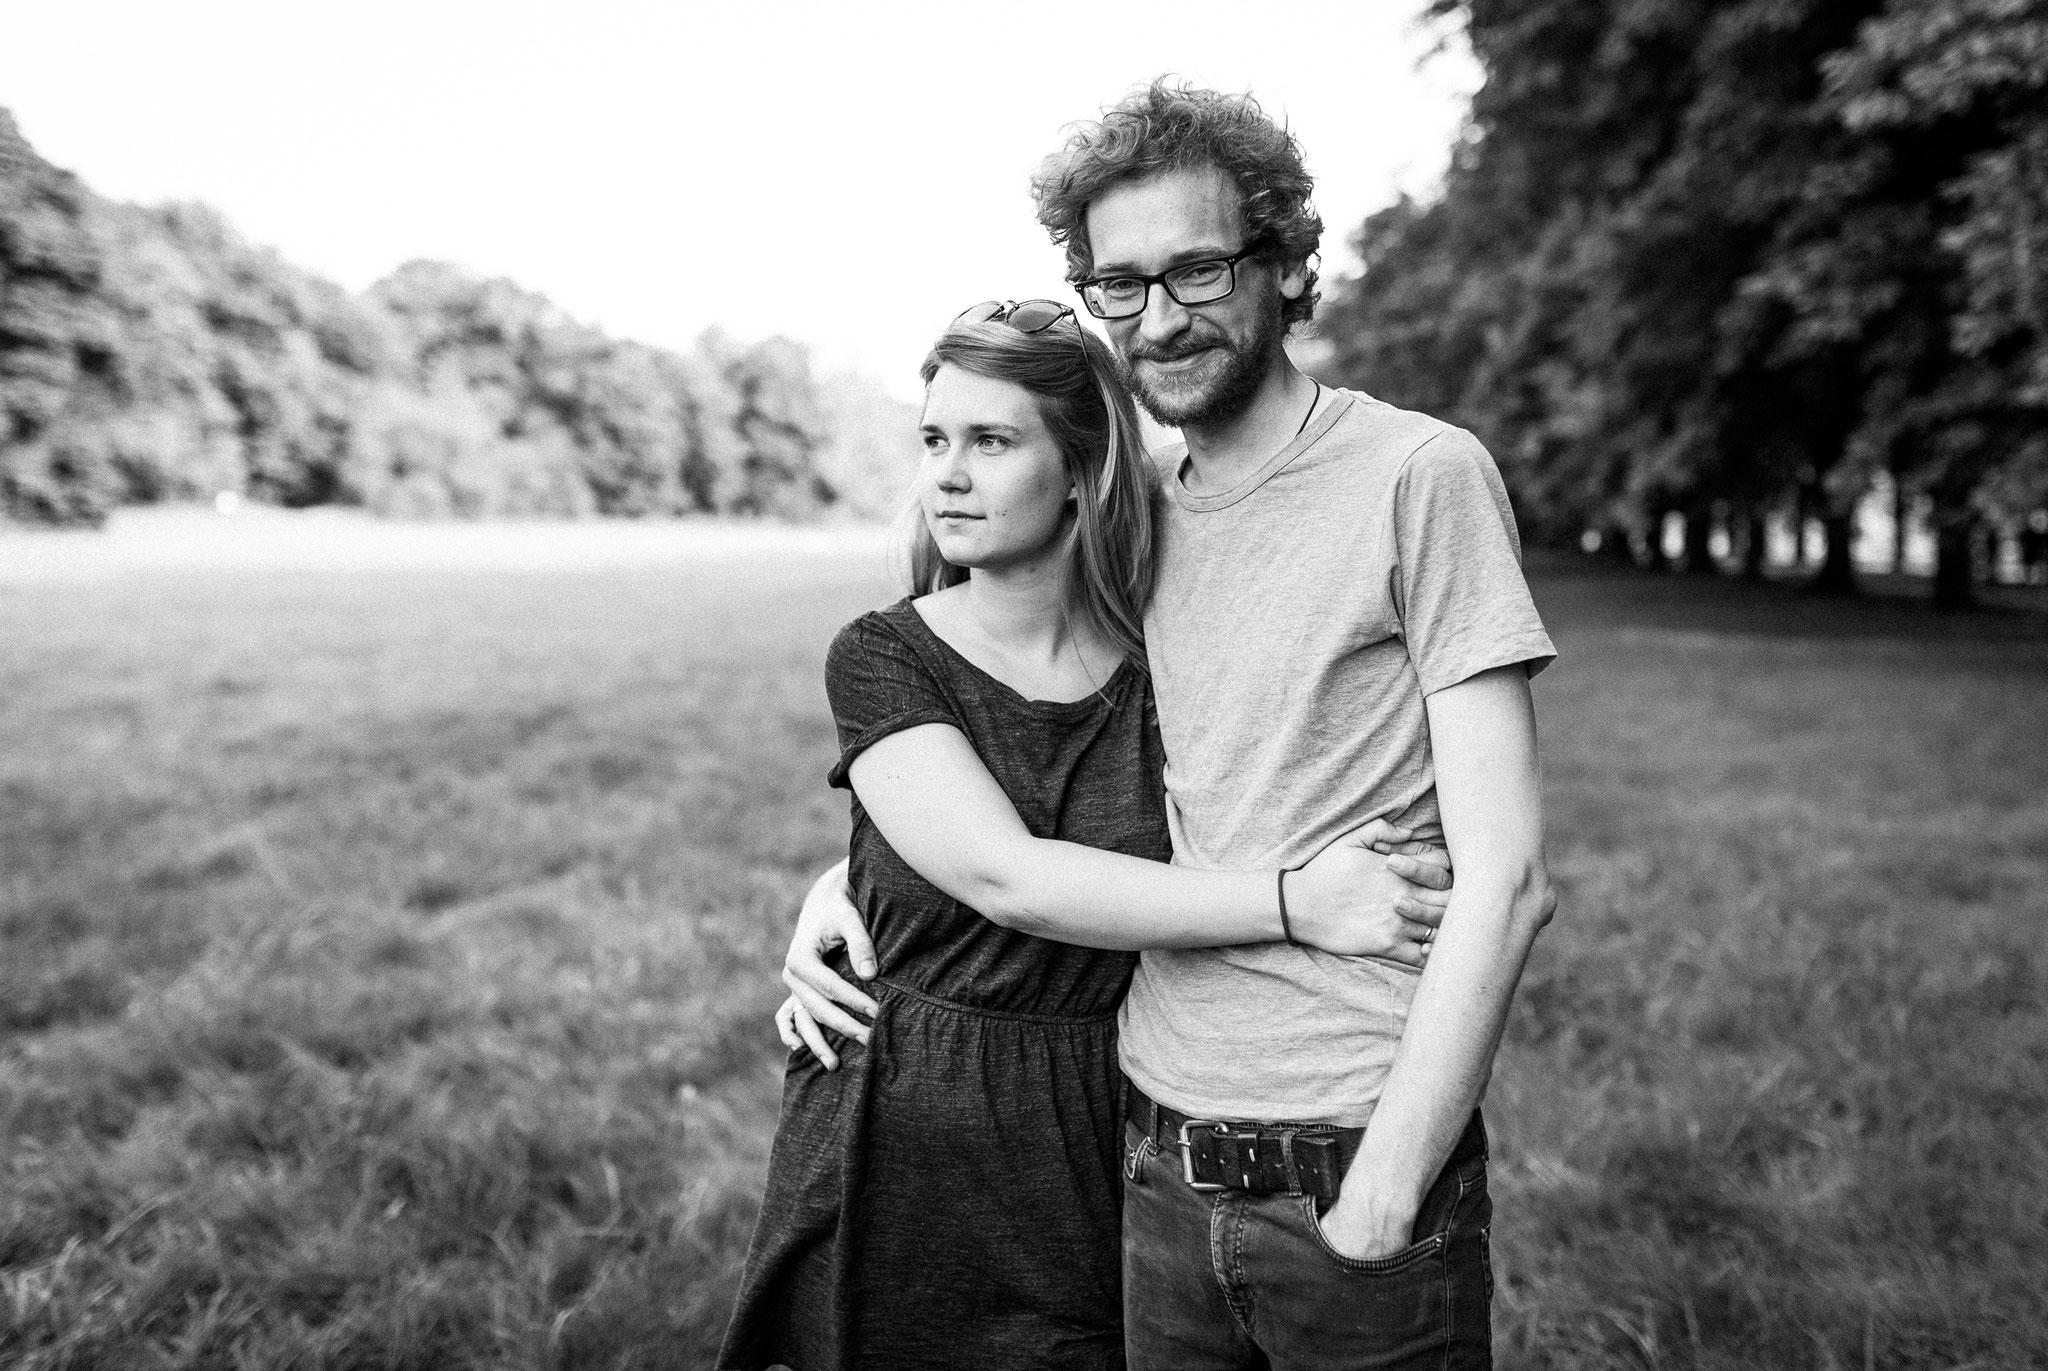 Familienreportage | Familienfotos |Familienshooting |Portraitshooting | Paarshooting | Portraitfotografin Rebecca Adloff | Ruhrgebiet, Essen, Düsseldorf, Köln, NRW